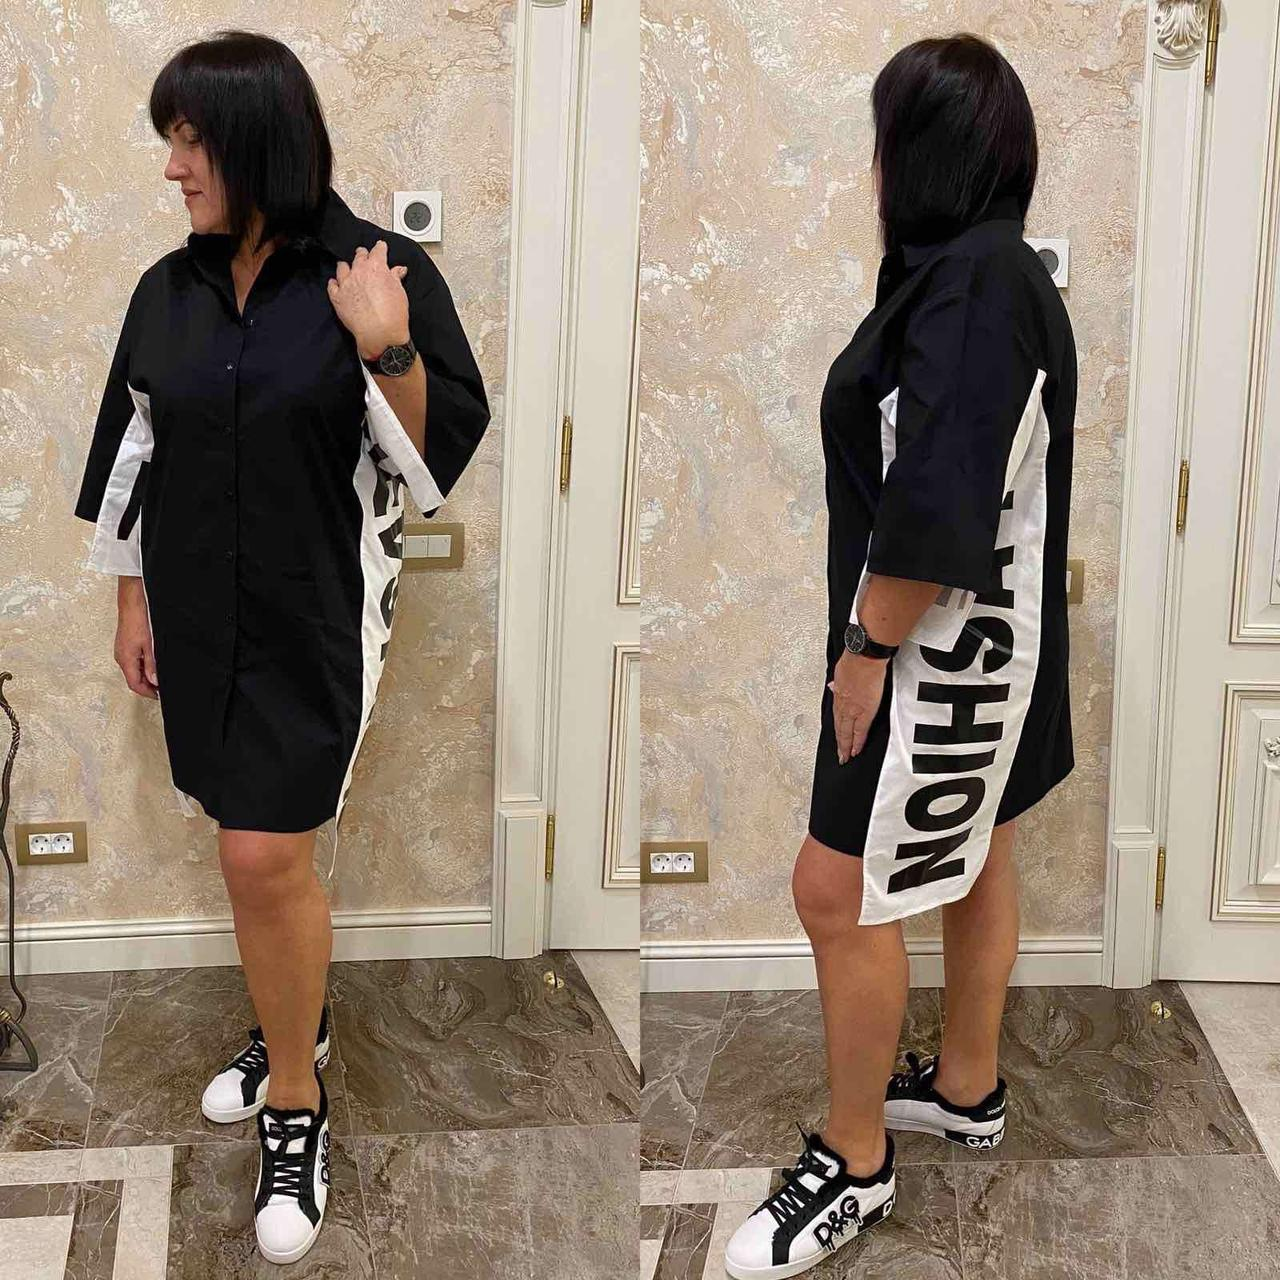 CDM-2748  Платье-рубашка свободного кроя БАТАЛ черное/ черного цвета/ черно-белое/ черное с белым